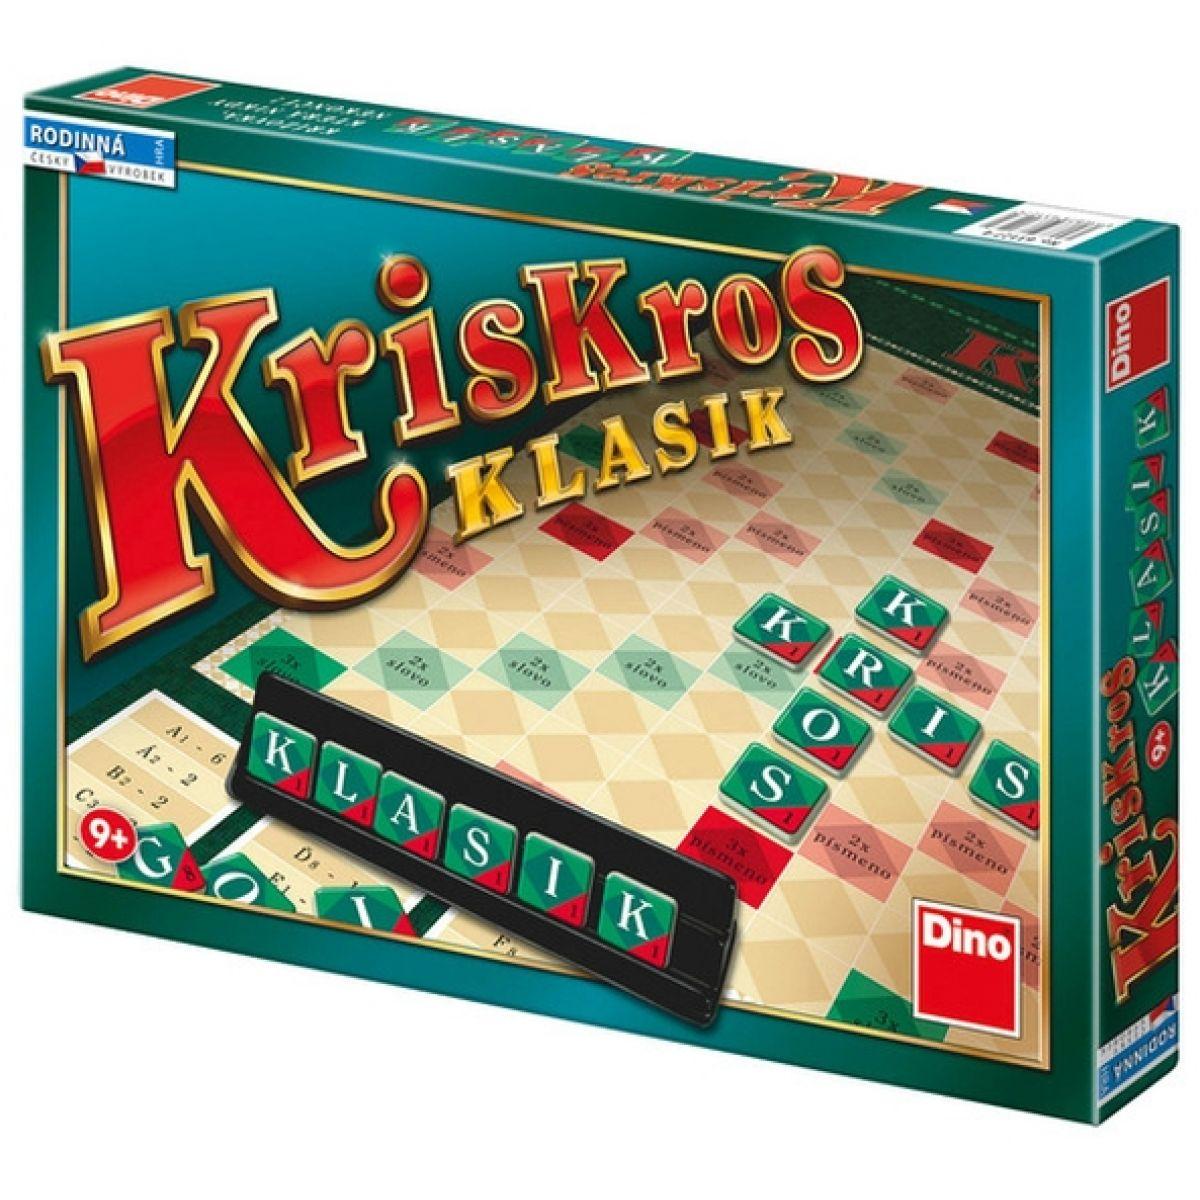 Dino KrisKros